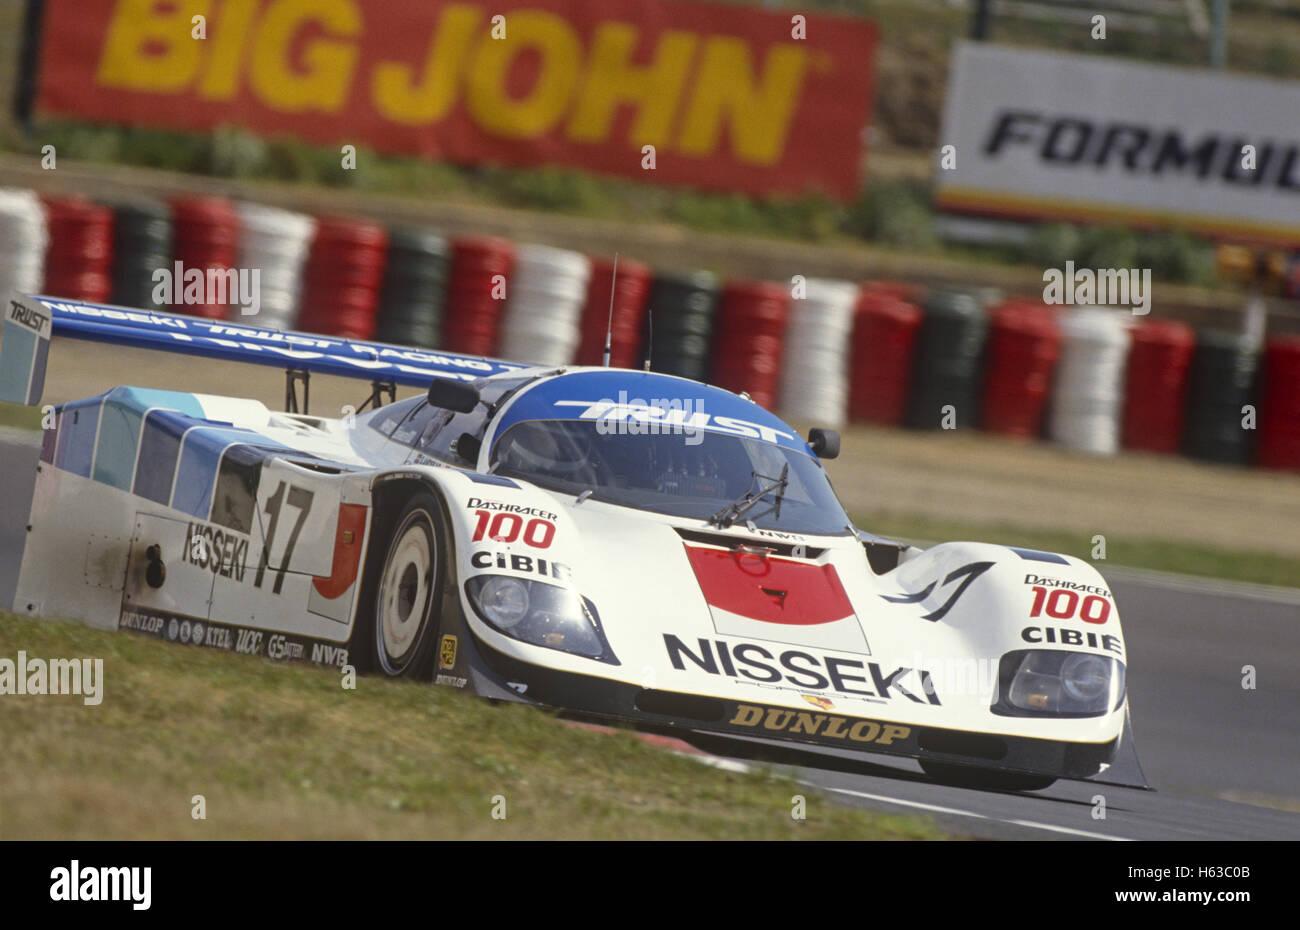 George Fouché und Steven Andskar Porsche 962 C GTi von Brun Motorsport Vertrauen Racing Team1990 eingegeben Stockbild